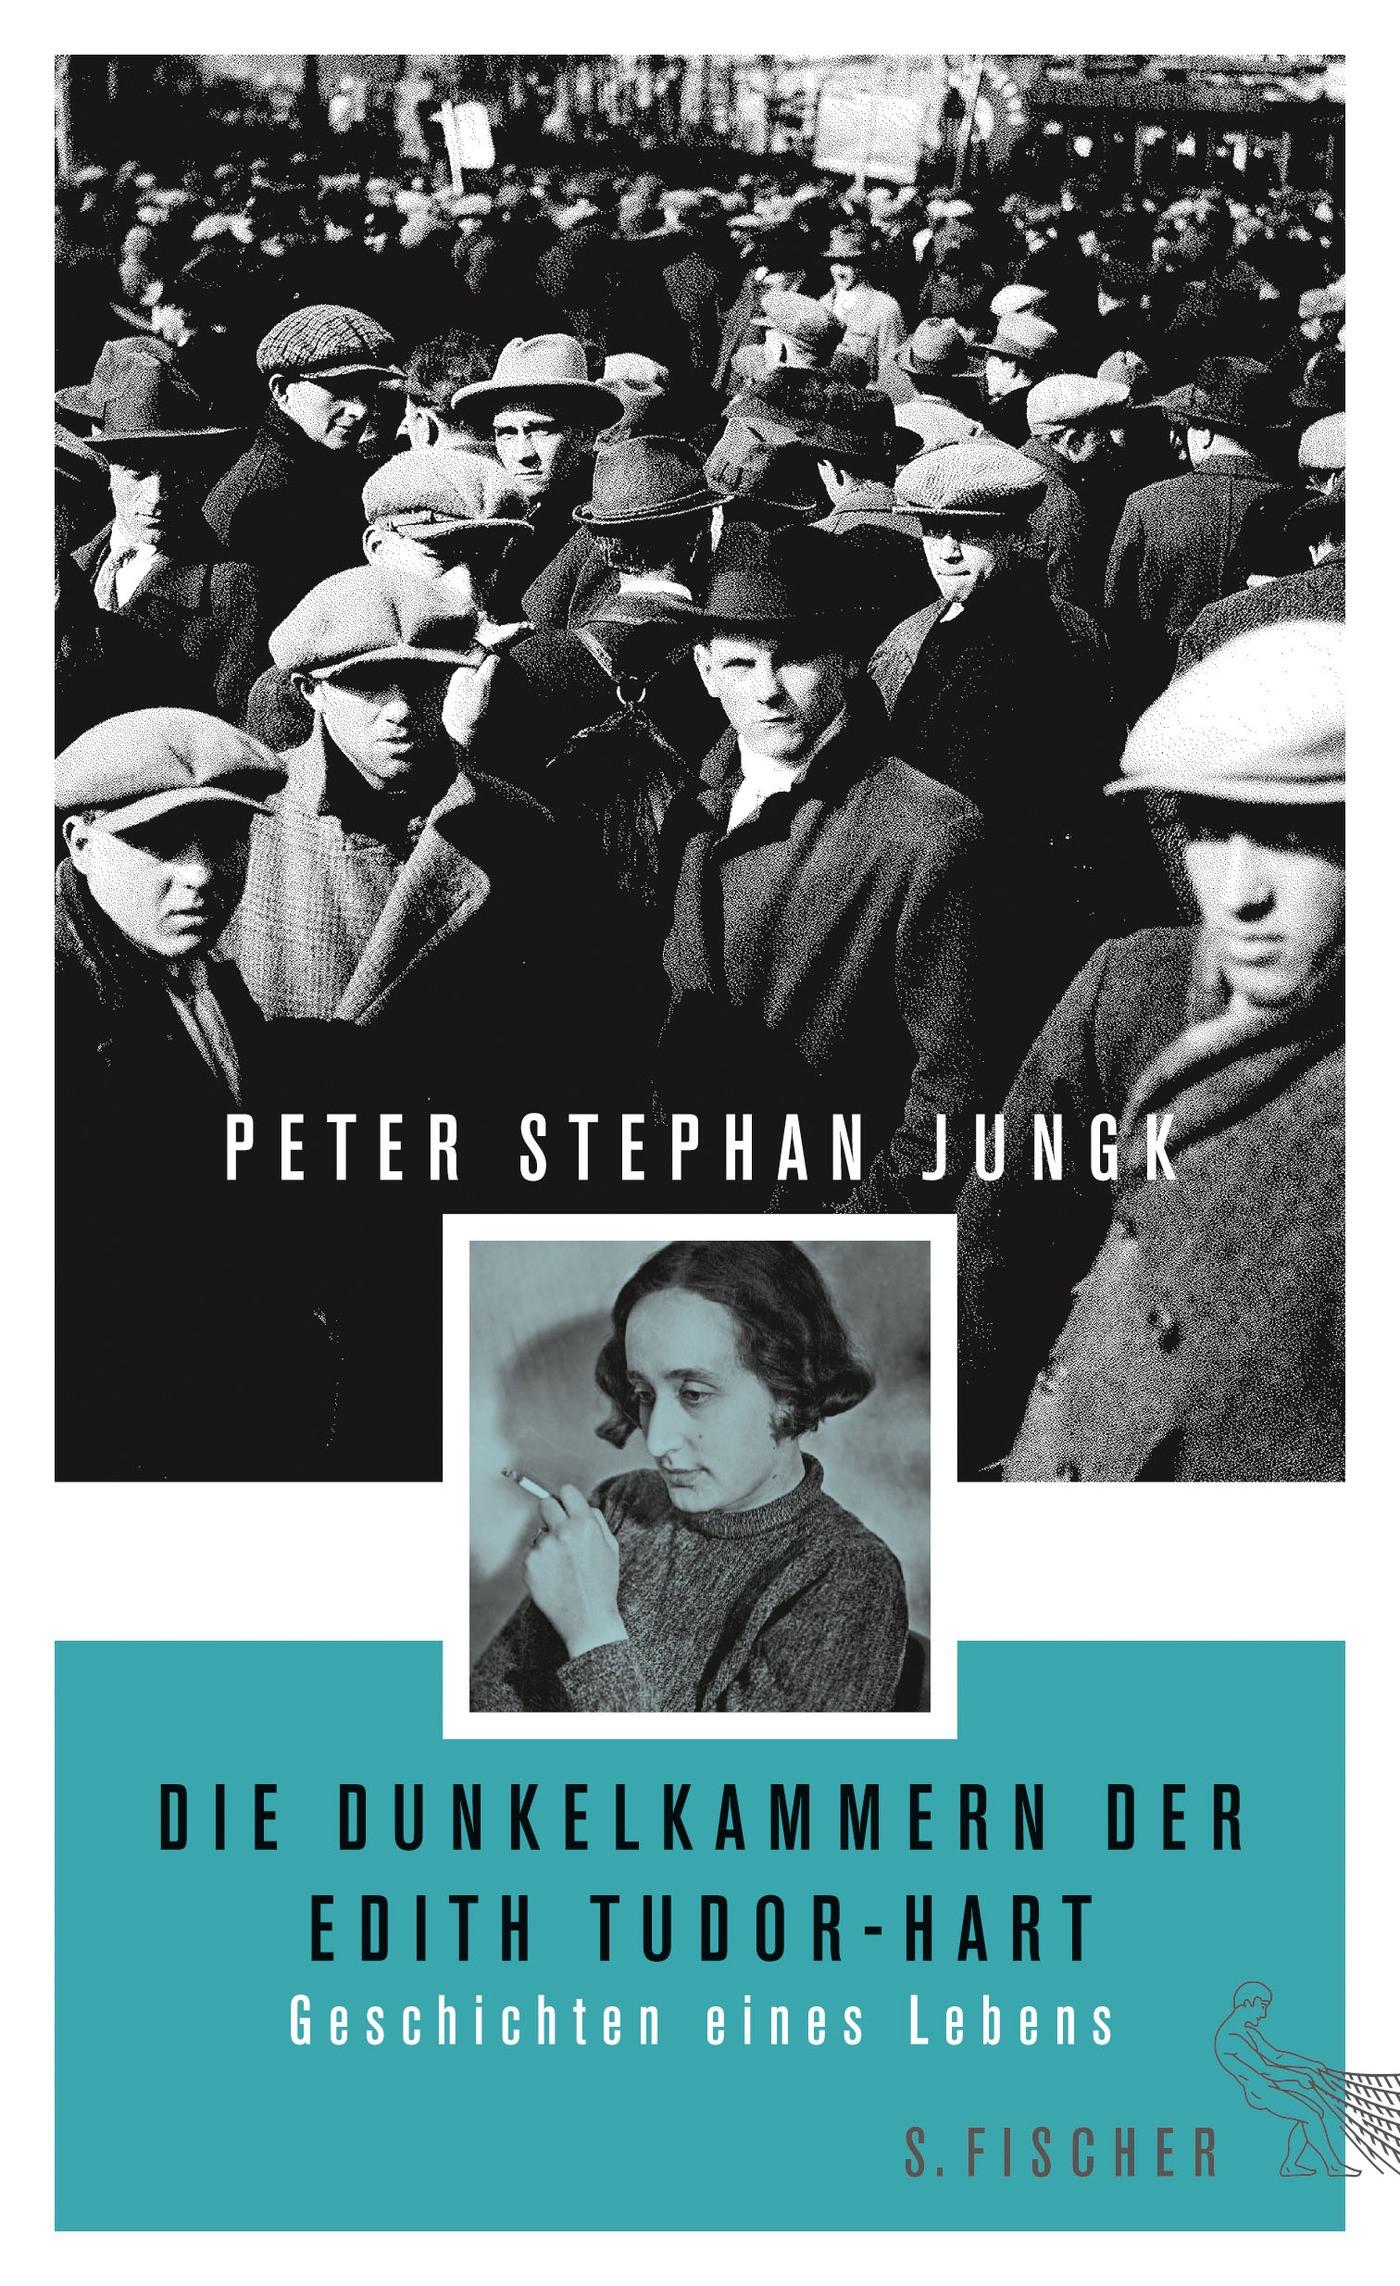 Die Dunkelkammern der Edith Tudor-Hart | Jungk, 2015 | Buch (Cover)